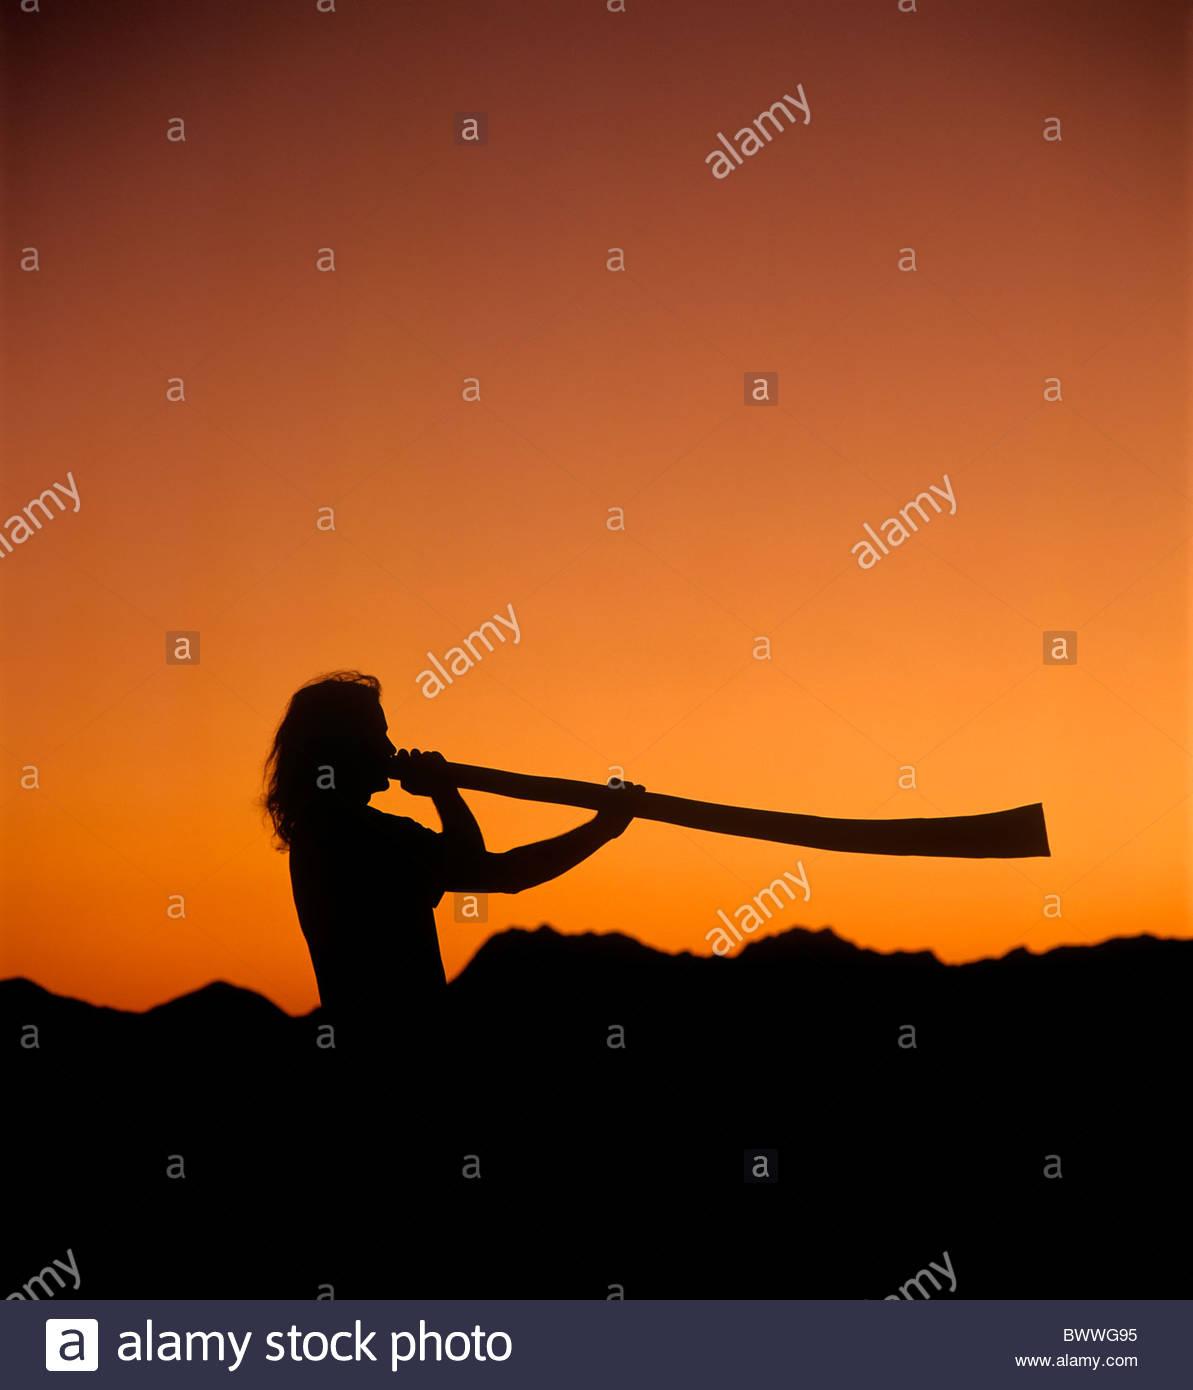 L'uomo gioca un didgeridoo al tramonto con le montagne di Tucson in silhouette di sfondo arancione e nero Foto Stock